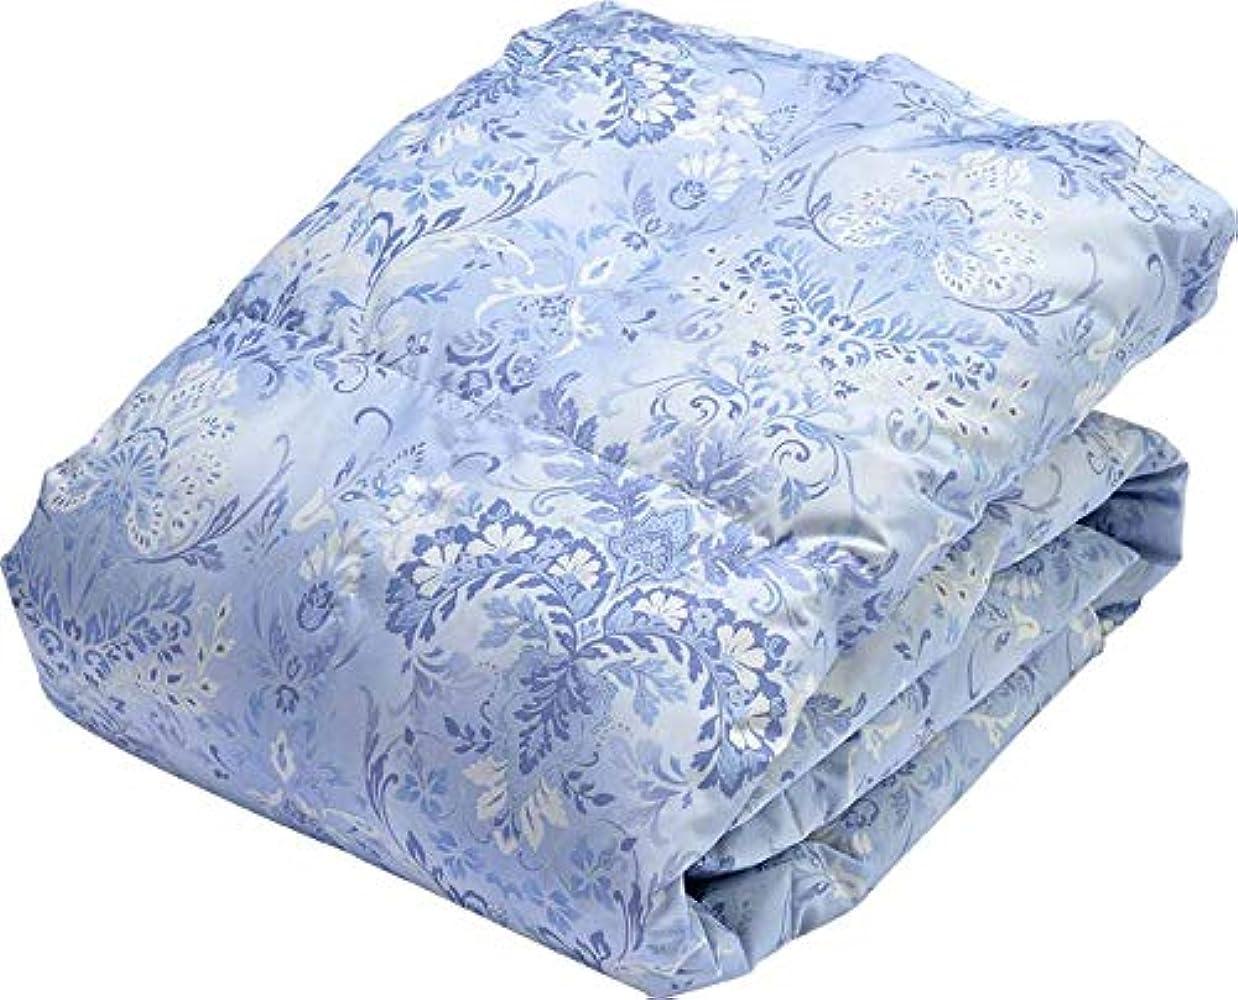 あたたかい主要な良い西川(Nishikawa) 掛けふとん ブルー ダブルロング190×210㎝ 洗える 肌掛けふとん ダウンケット 羽毛肌 4G9006N50-035